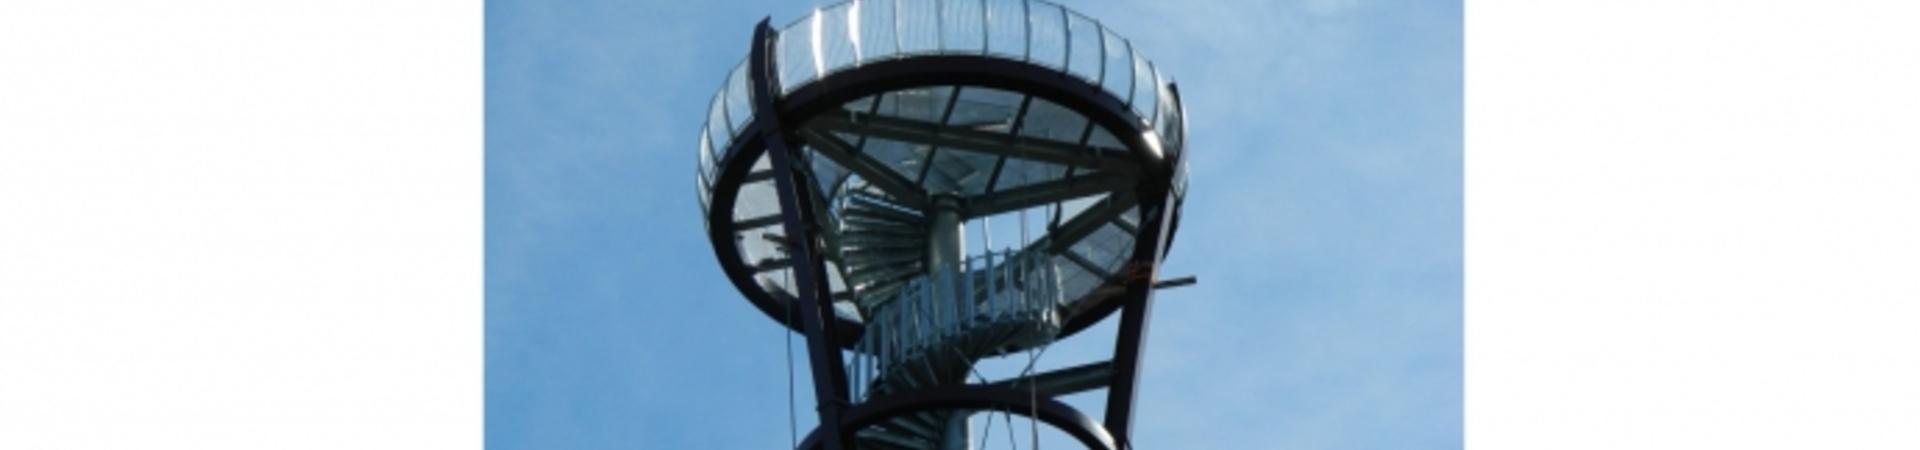 Labanoro regioninio parko apžvalgos bokštas